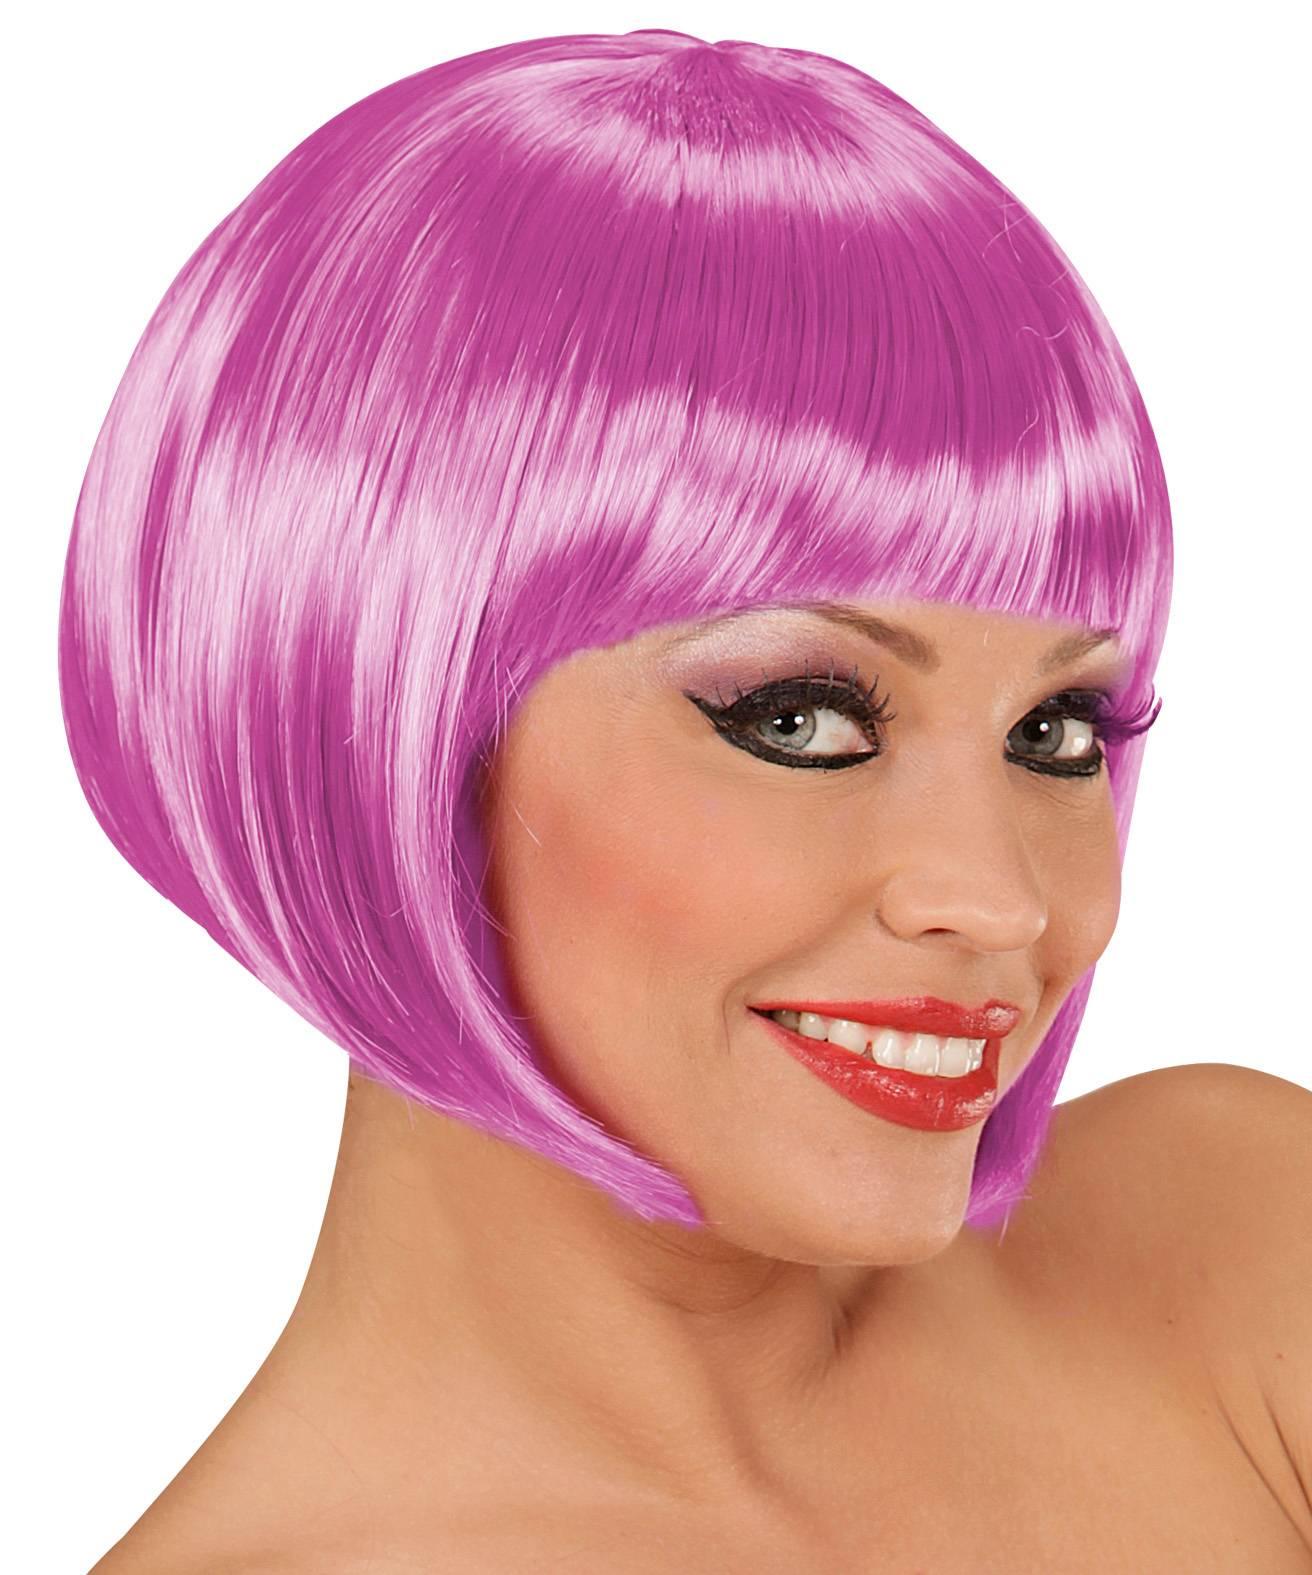 Perruque violette pas chère